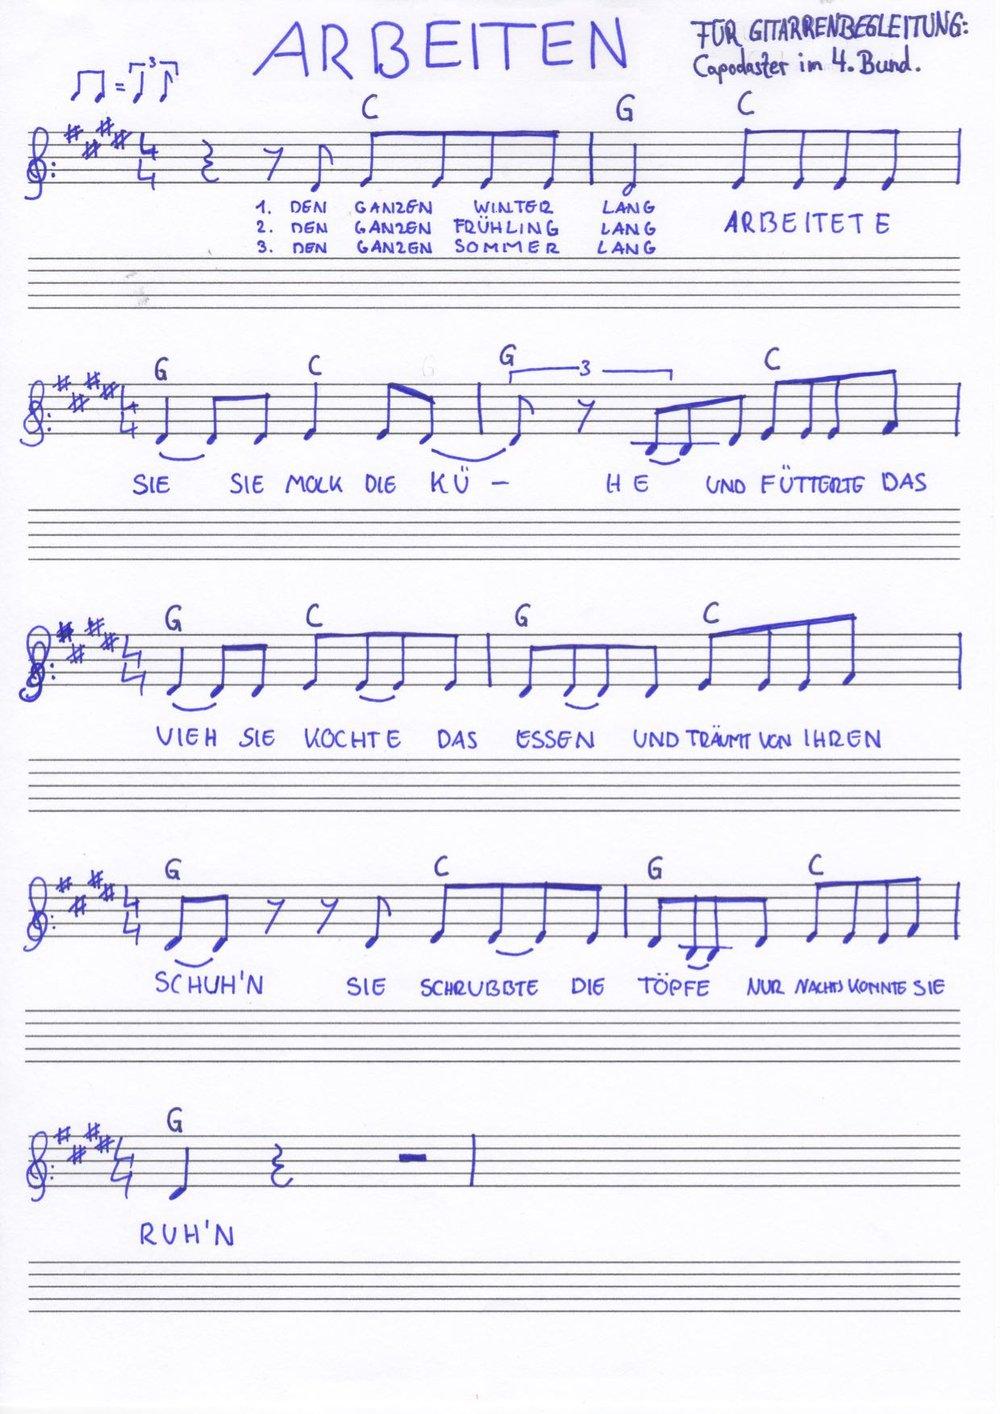 Das Lied zum Mitsingen!